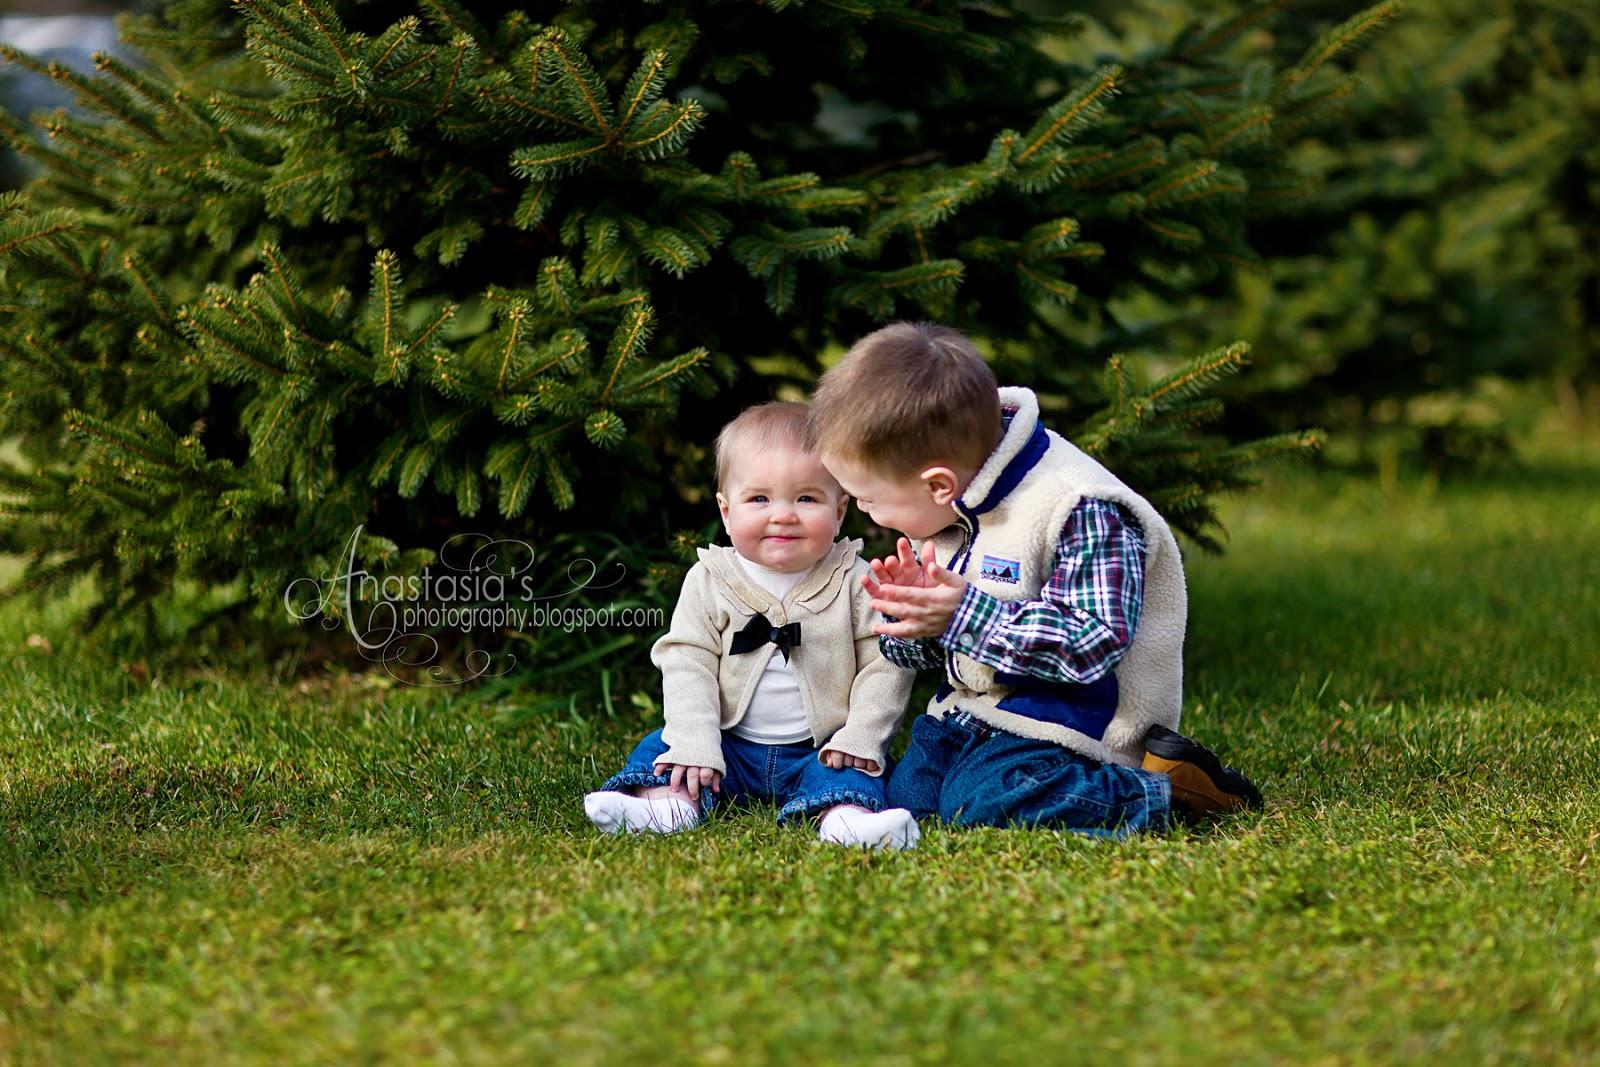 http://2.bp.blogspot.com/-INE9LCVB4O0/UJc-wNDzUVI/AAAAAAAAAUs/wUyWC3xlFY4/s1600/www_AnastasiasPhotography_blogspot_com-web7.jpg